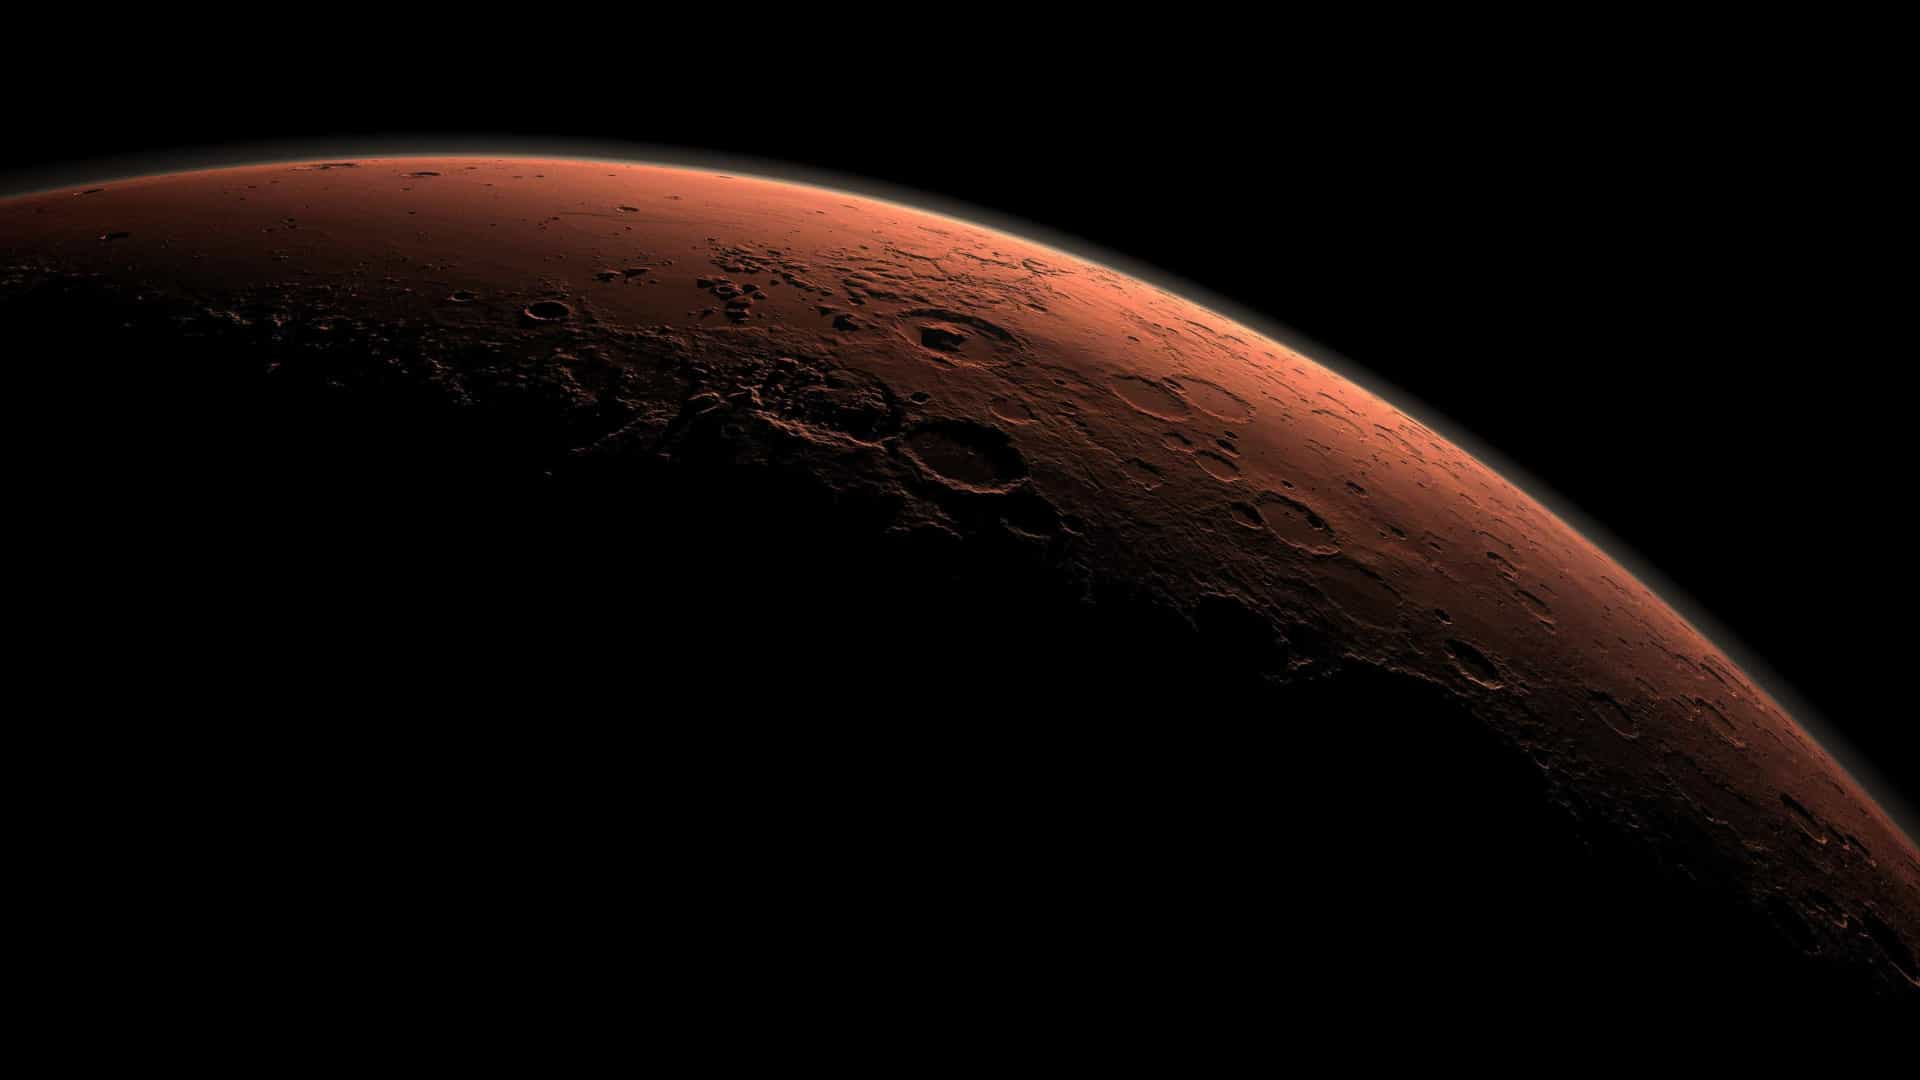 Elon Musk revela planos para colonizar Marte